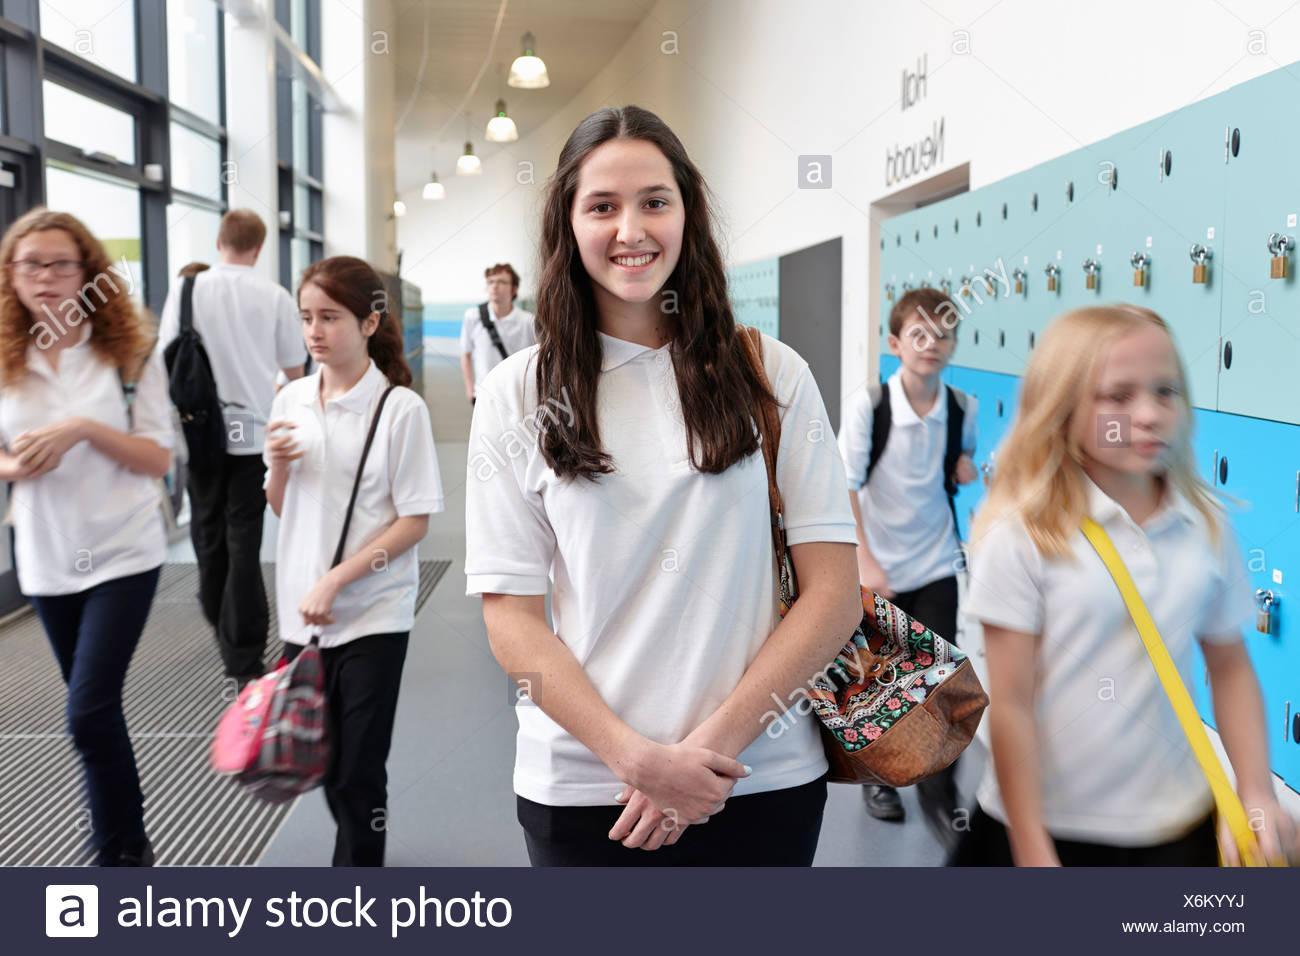 Schoolchildren in school corridor - Stock Image